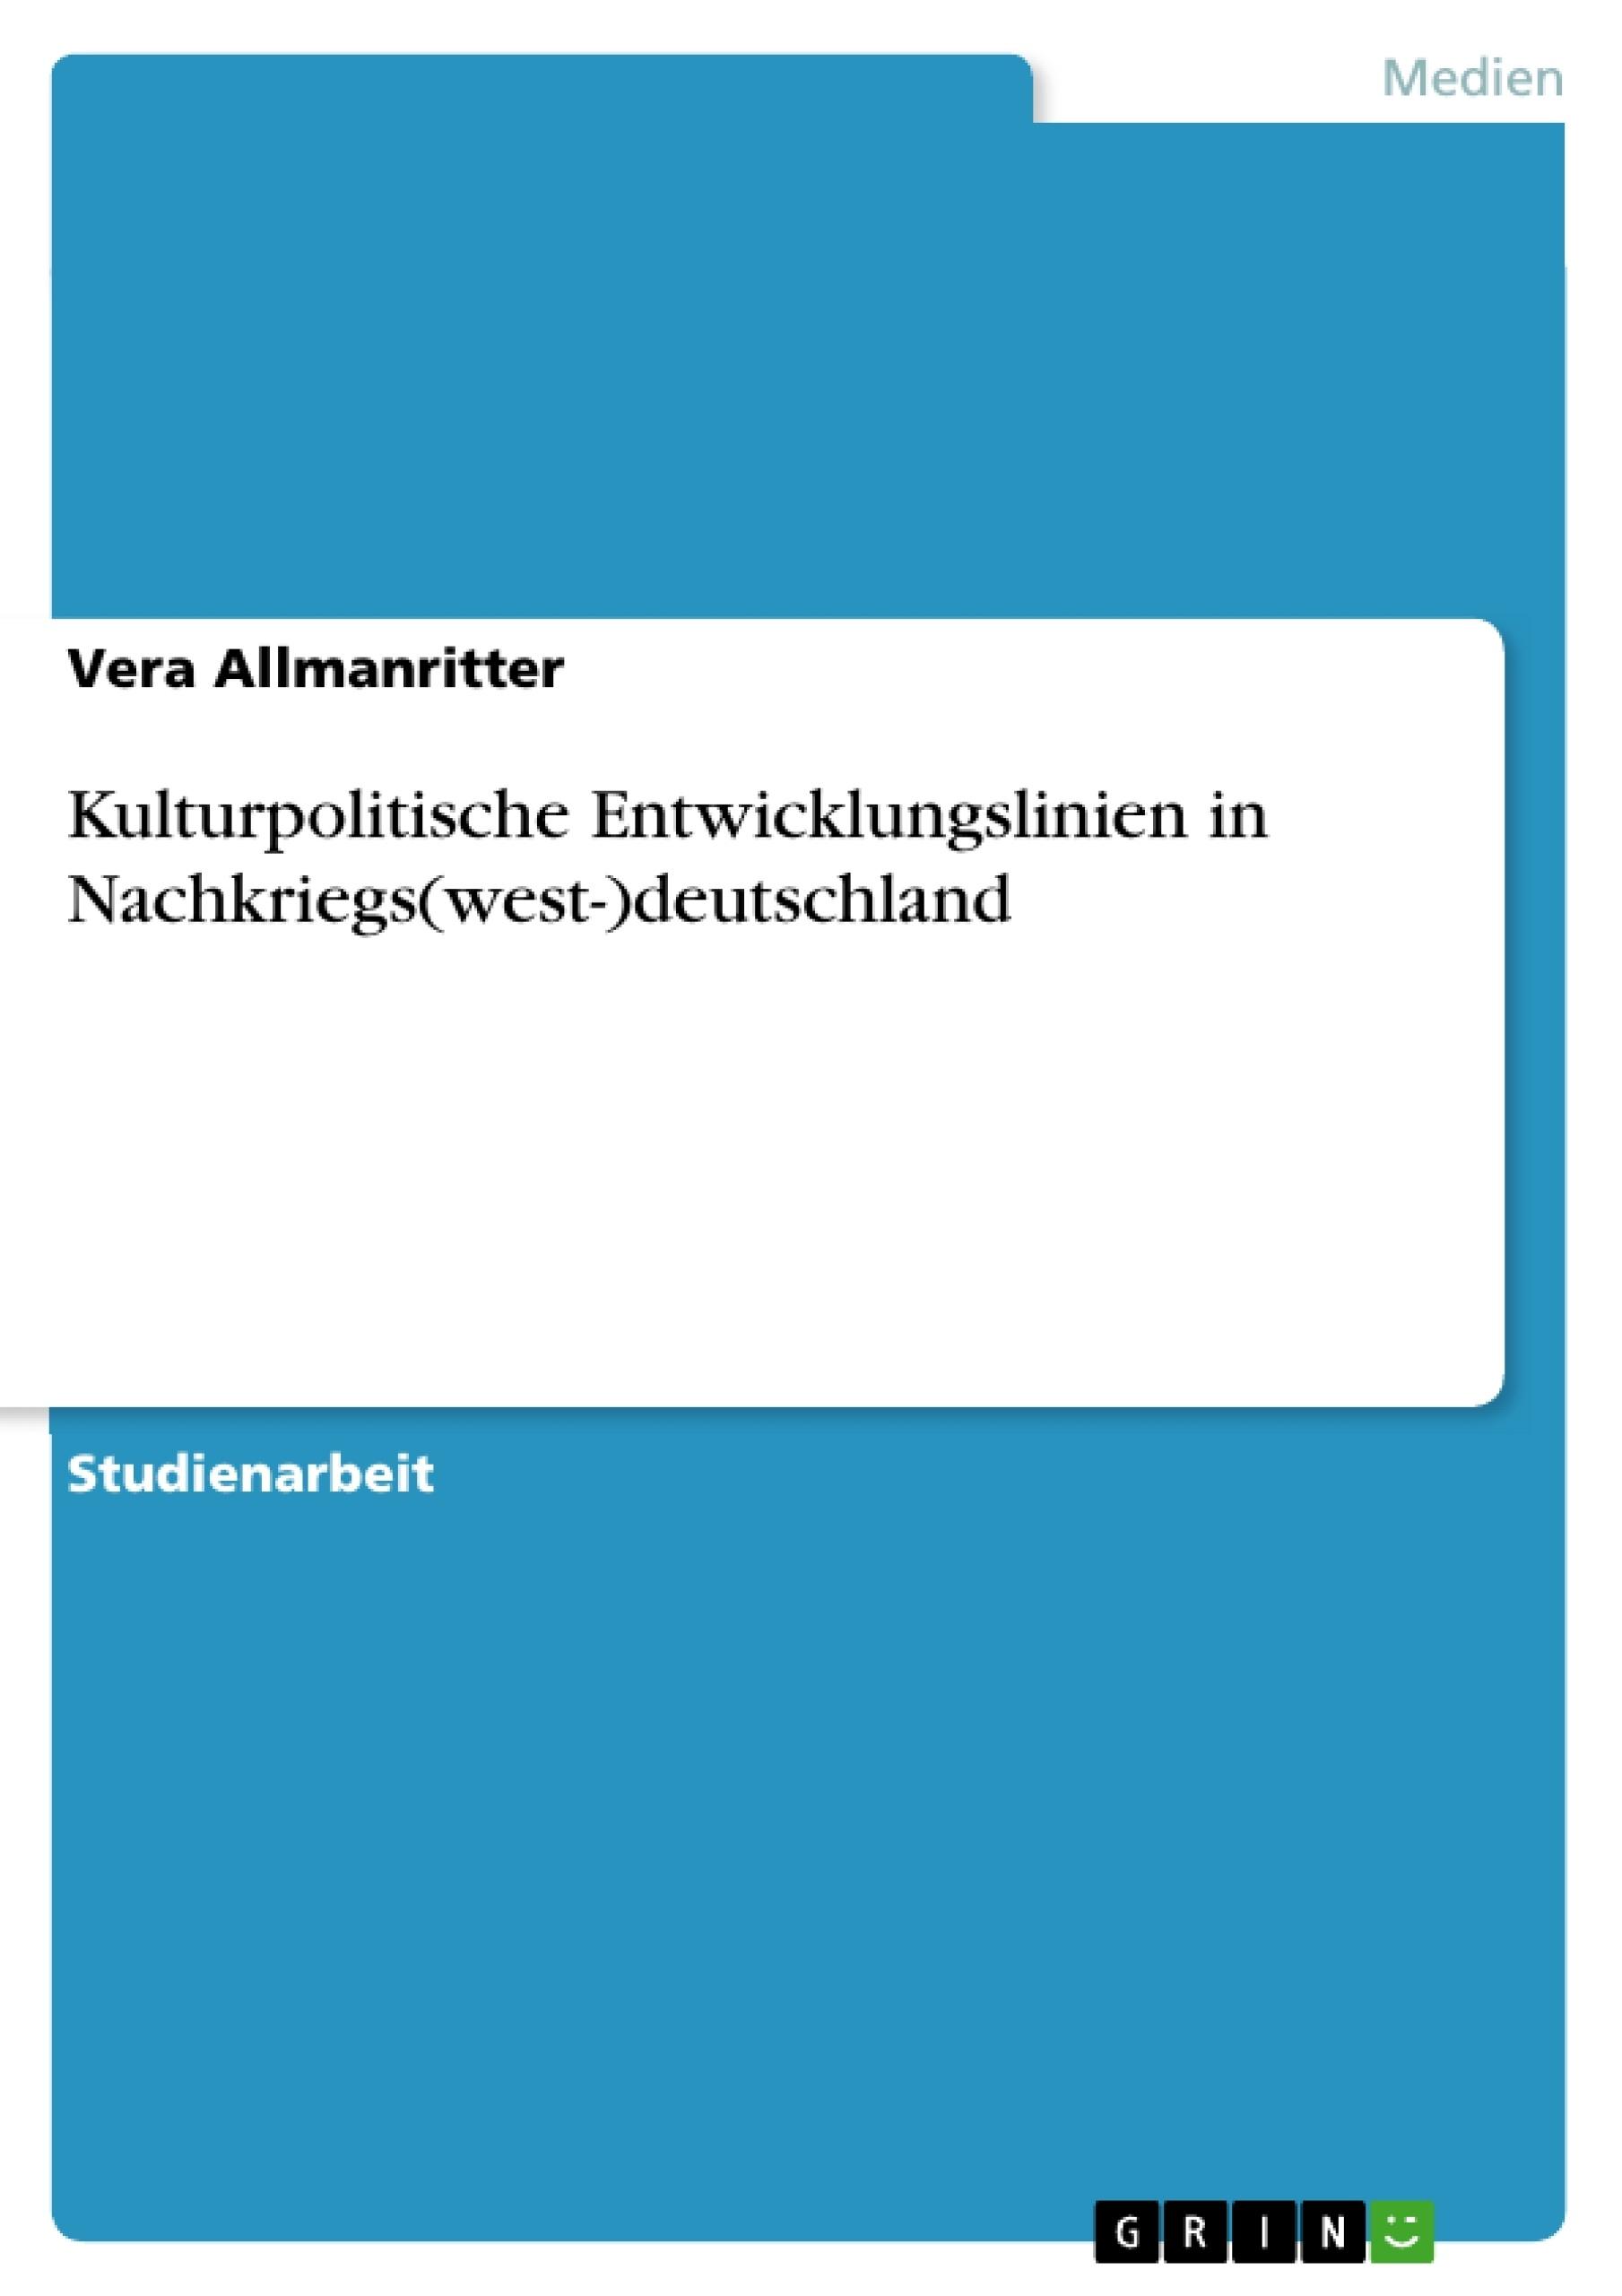 Titel: Kulturpolitische Entwicklungslinien in Nachkriegs(west-)deutschland